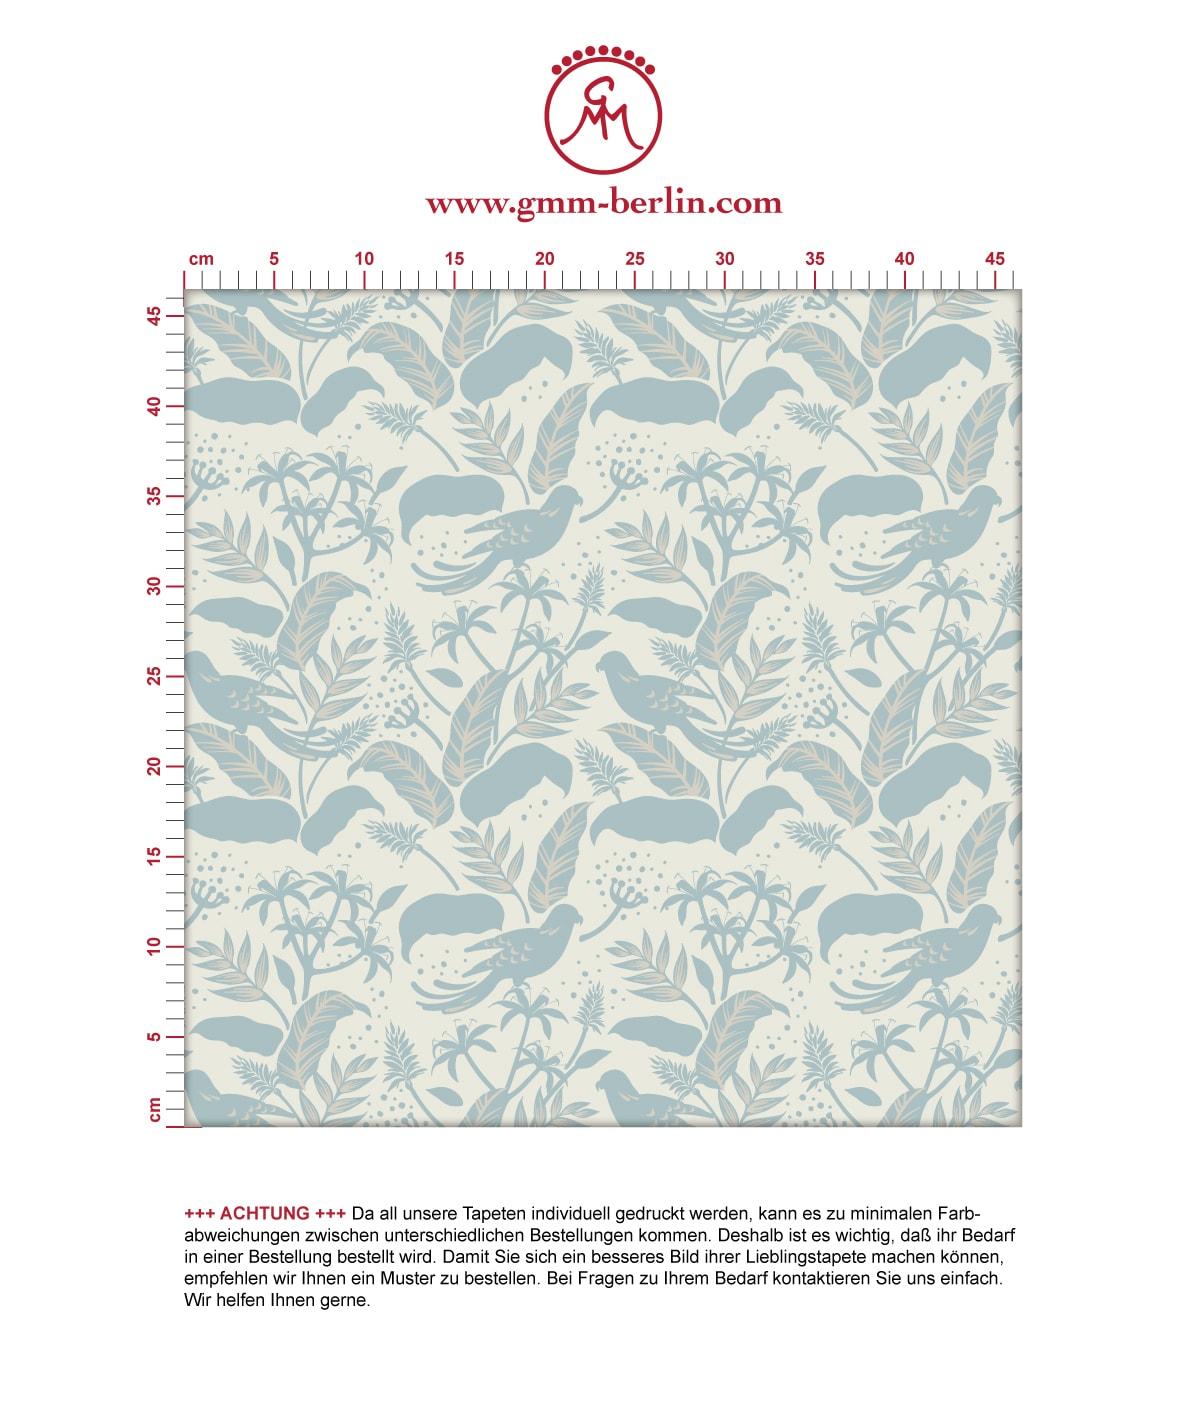 Aus dem GMM-BERLIN.com Sortiment: Schöne Tapeten in der Farbe: mittelblau,. Schöne Wandgestaltung: Tropische Vogel Tapete Wild Birds im #blätter #dschungel #papagei #tiere #tropisch #vogel für individuelles Interiordesign